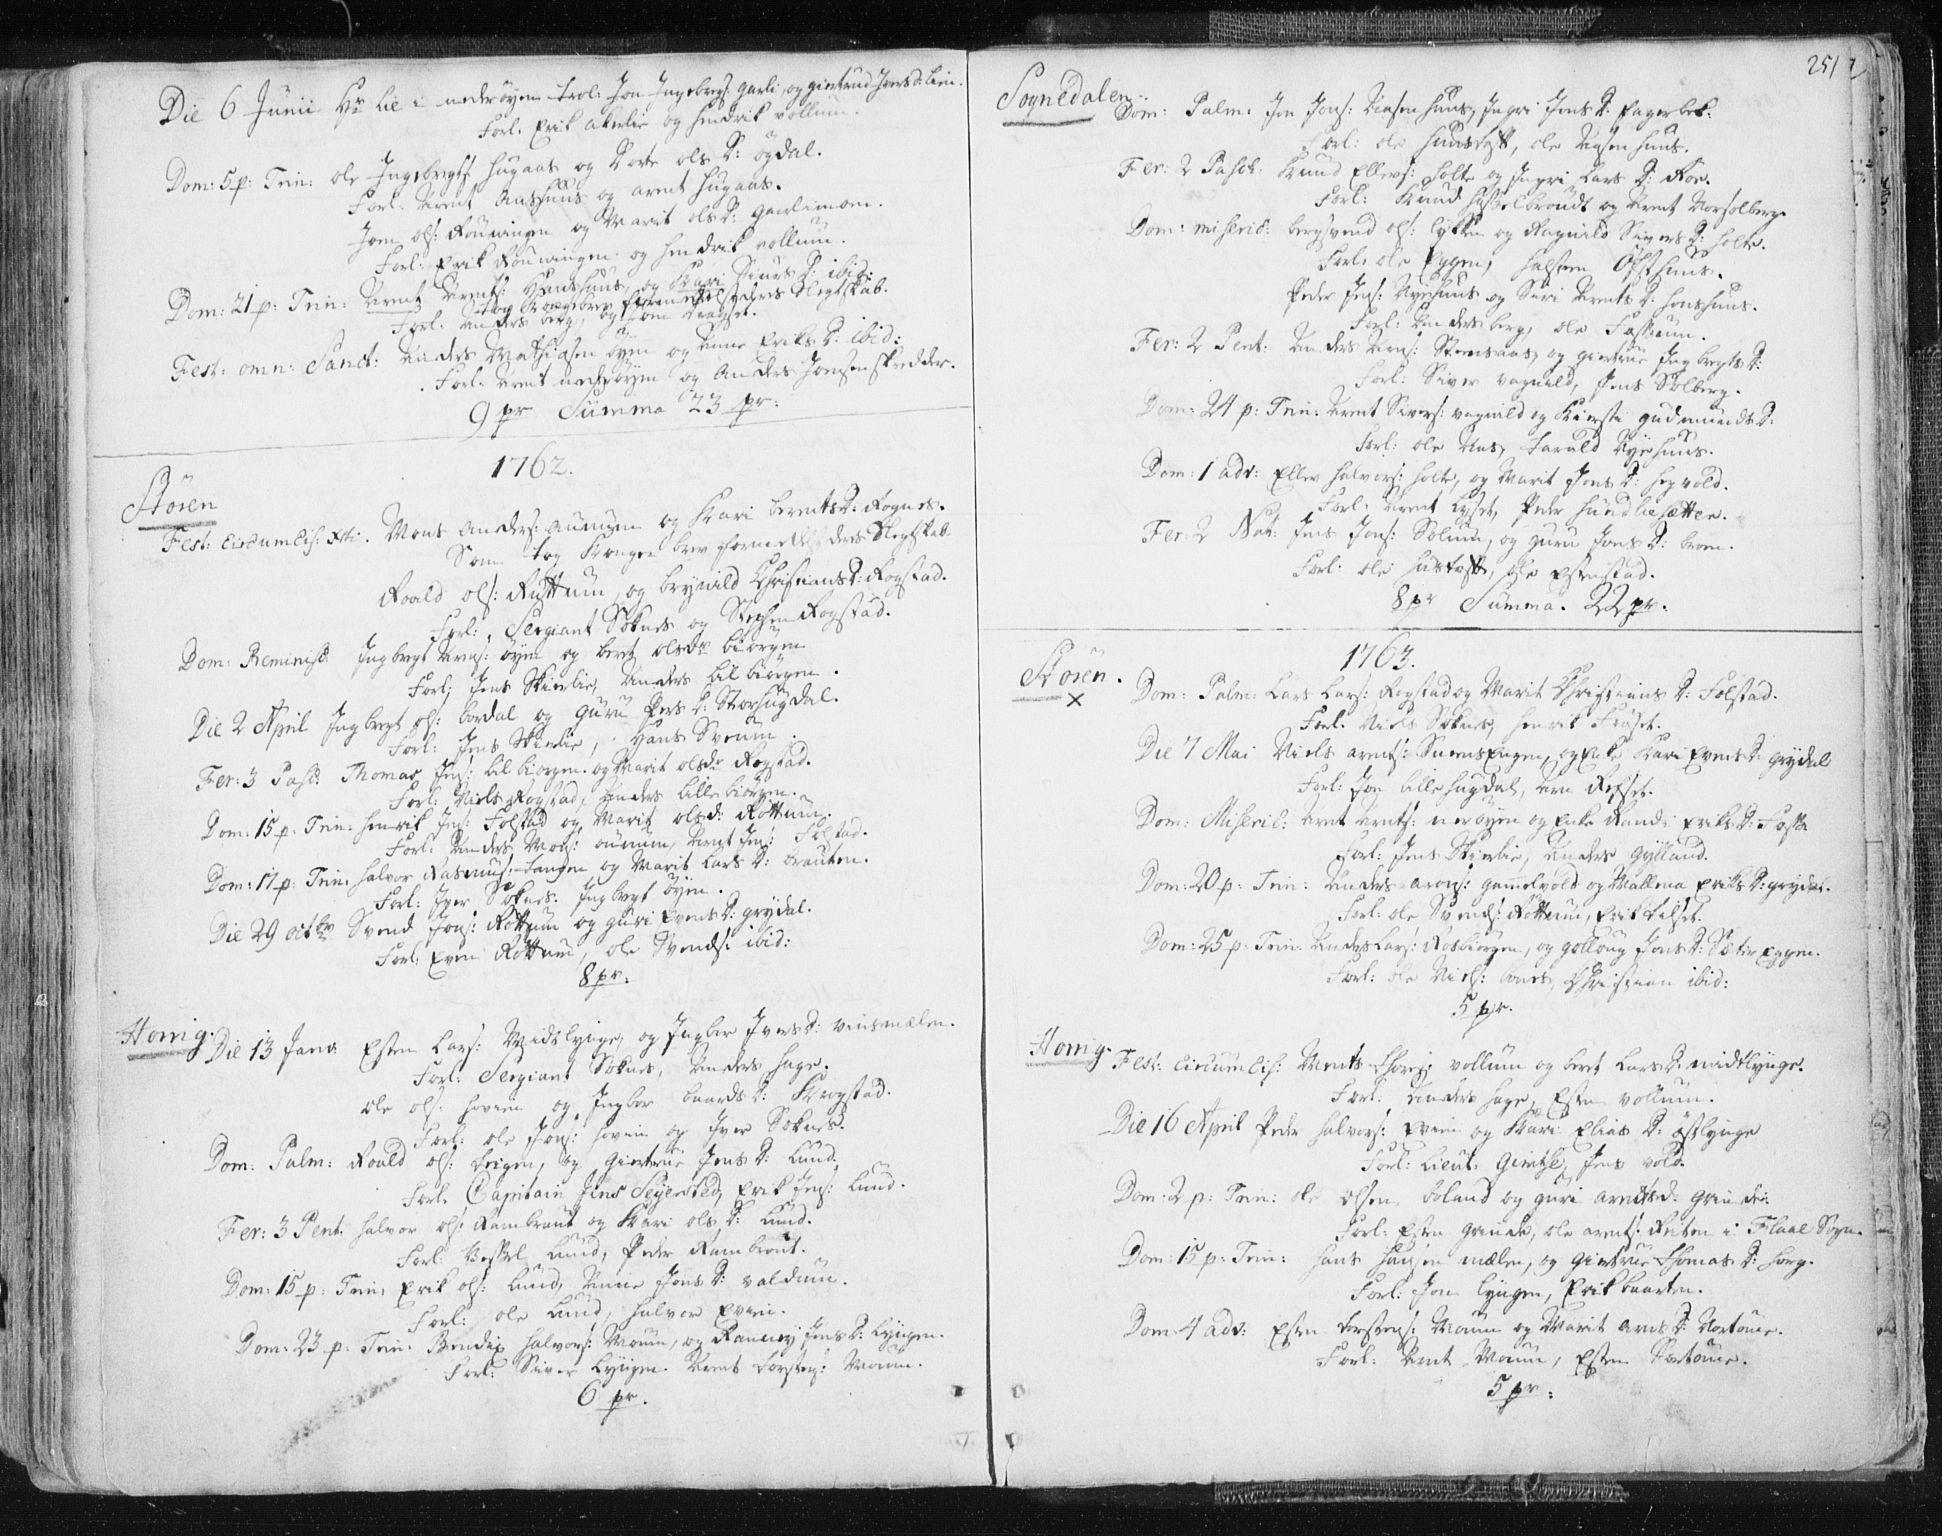 SAT, Ministerialprotokoller, klokkerbøker og fødselsregistre - Sør-Trøndelag, 687/L0991: Ministerialbok nr. 687A02, 1747-1790, s. 251